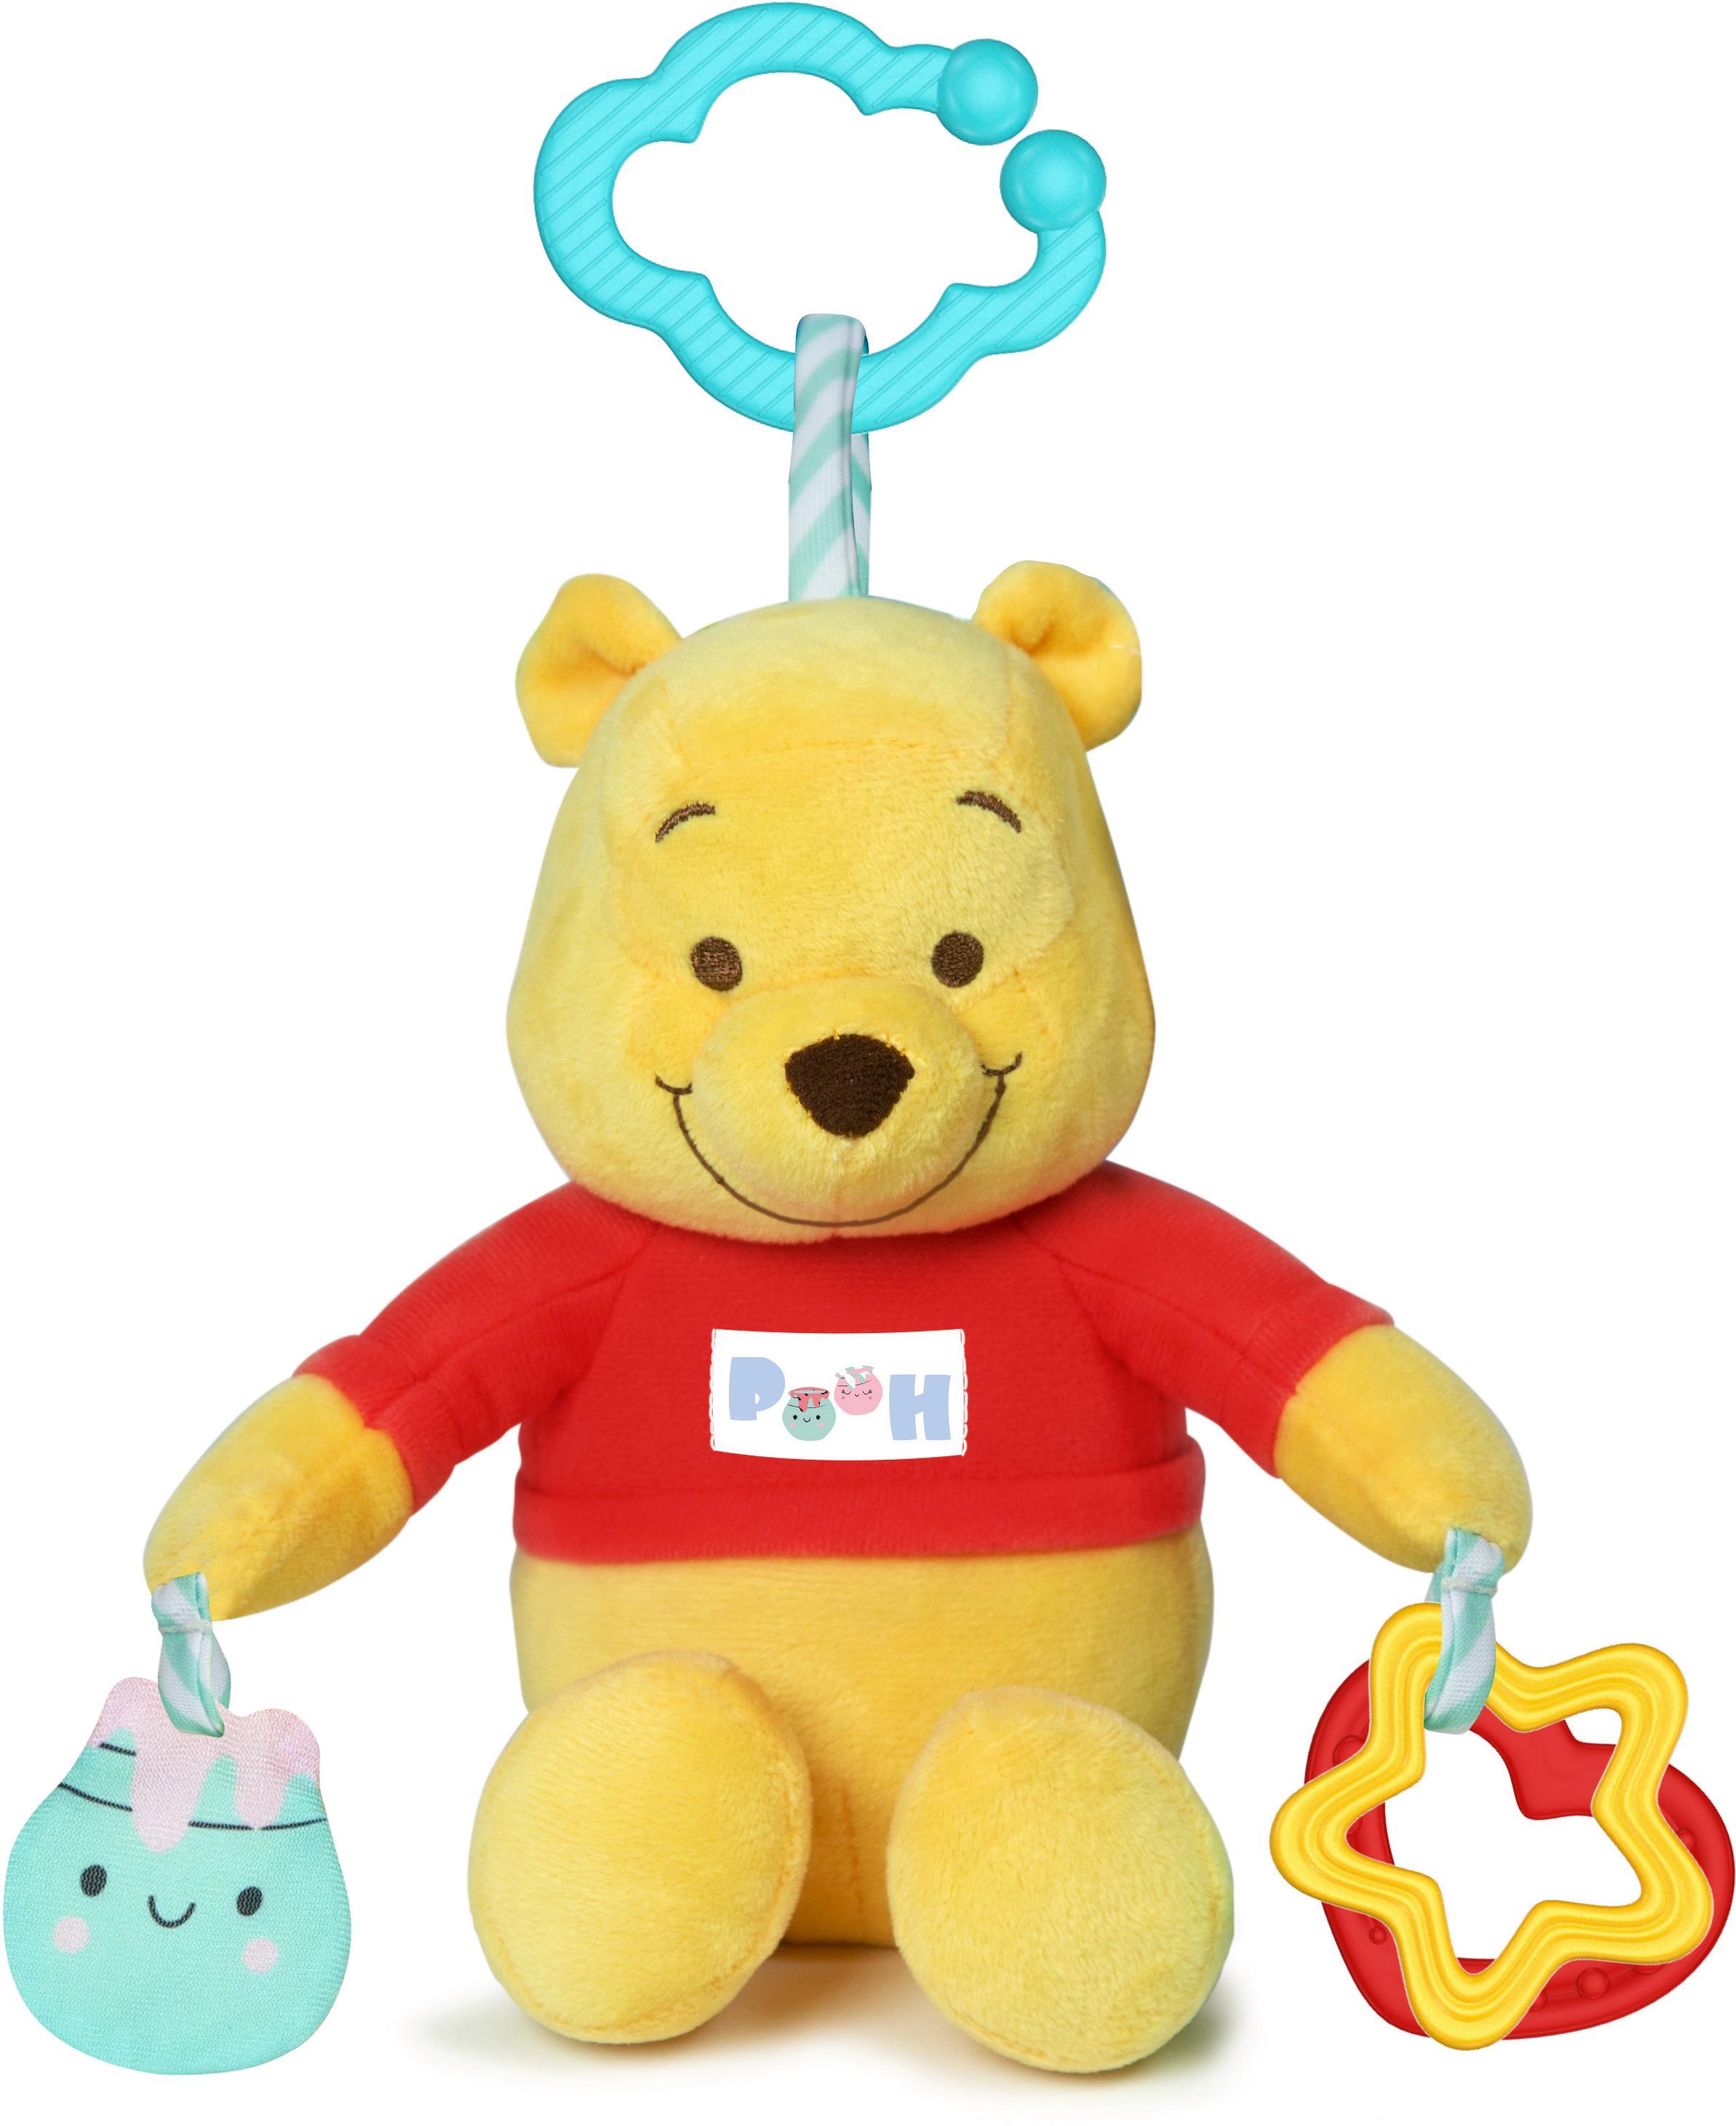 """Clementoni Plüschfigur """"Winnie the Pooh Aktivitäts-Plüsch"""" Kindermode/Spielzeug/Kuschel- & Plüschtiere/Plüschtiere"""